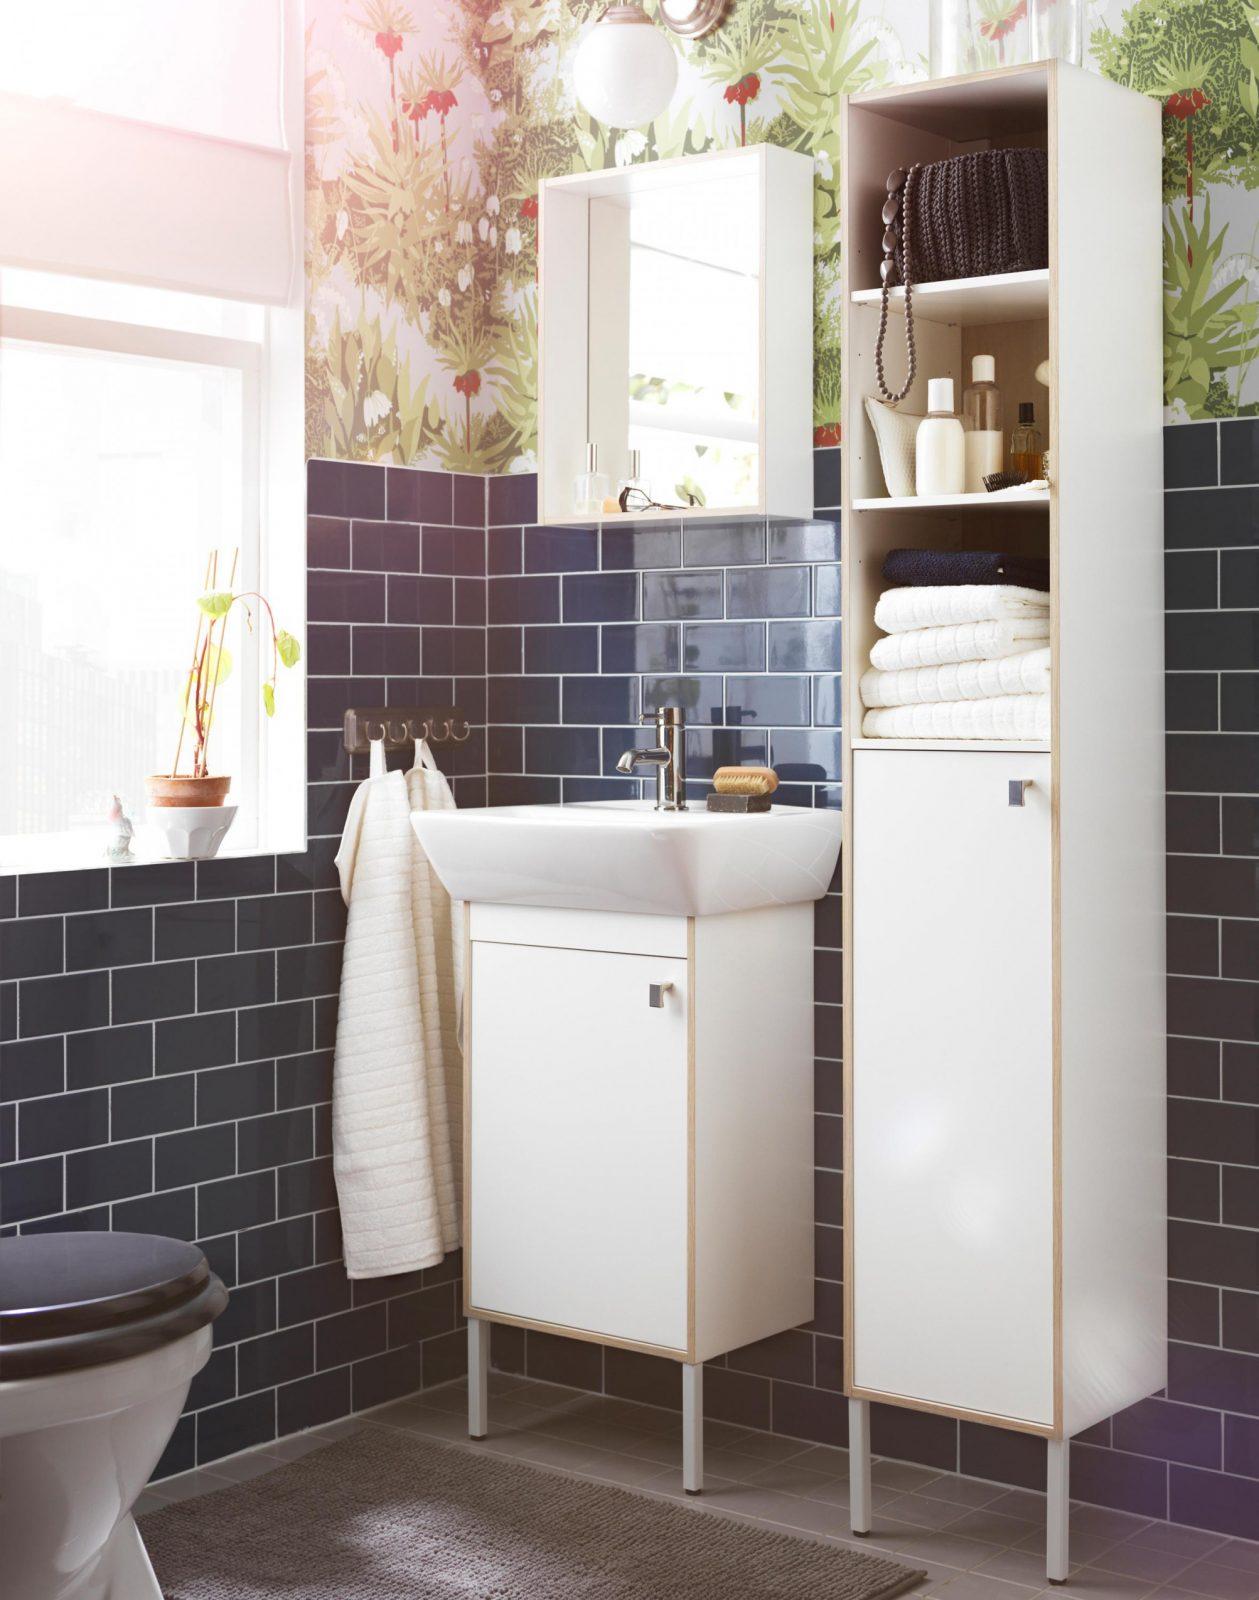 Kleine Badezimmer Größer Machen Finde Ideen Bei Couch von Badfliesen Ideen Kleines Bad Bild